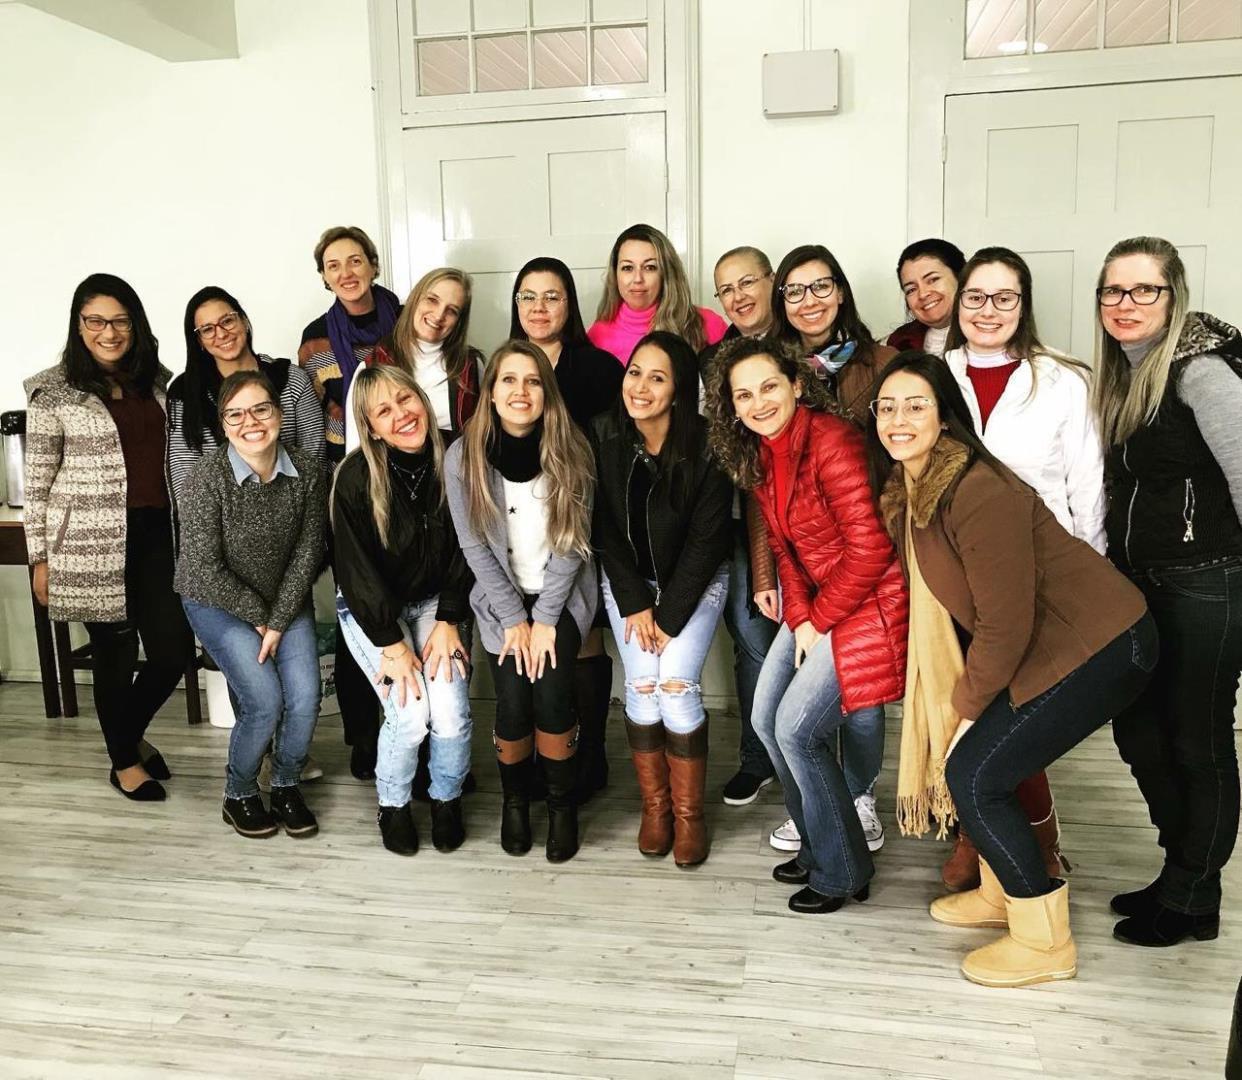 Aulas da quinta turma da pós-graduação em Neurocognição e Aprendizagem iniciam na Faculdade IENH